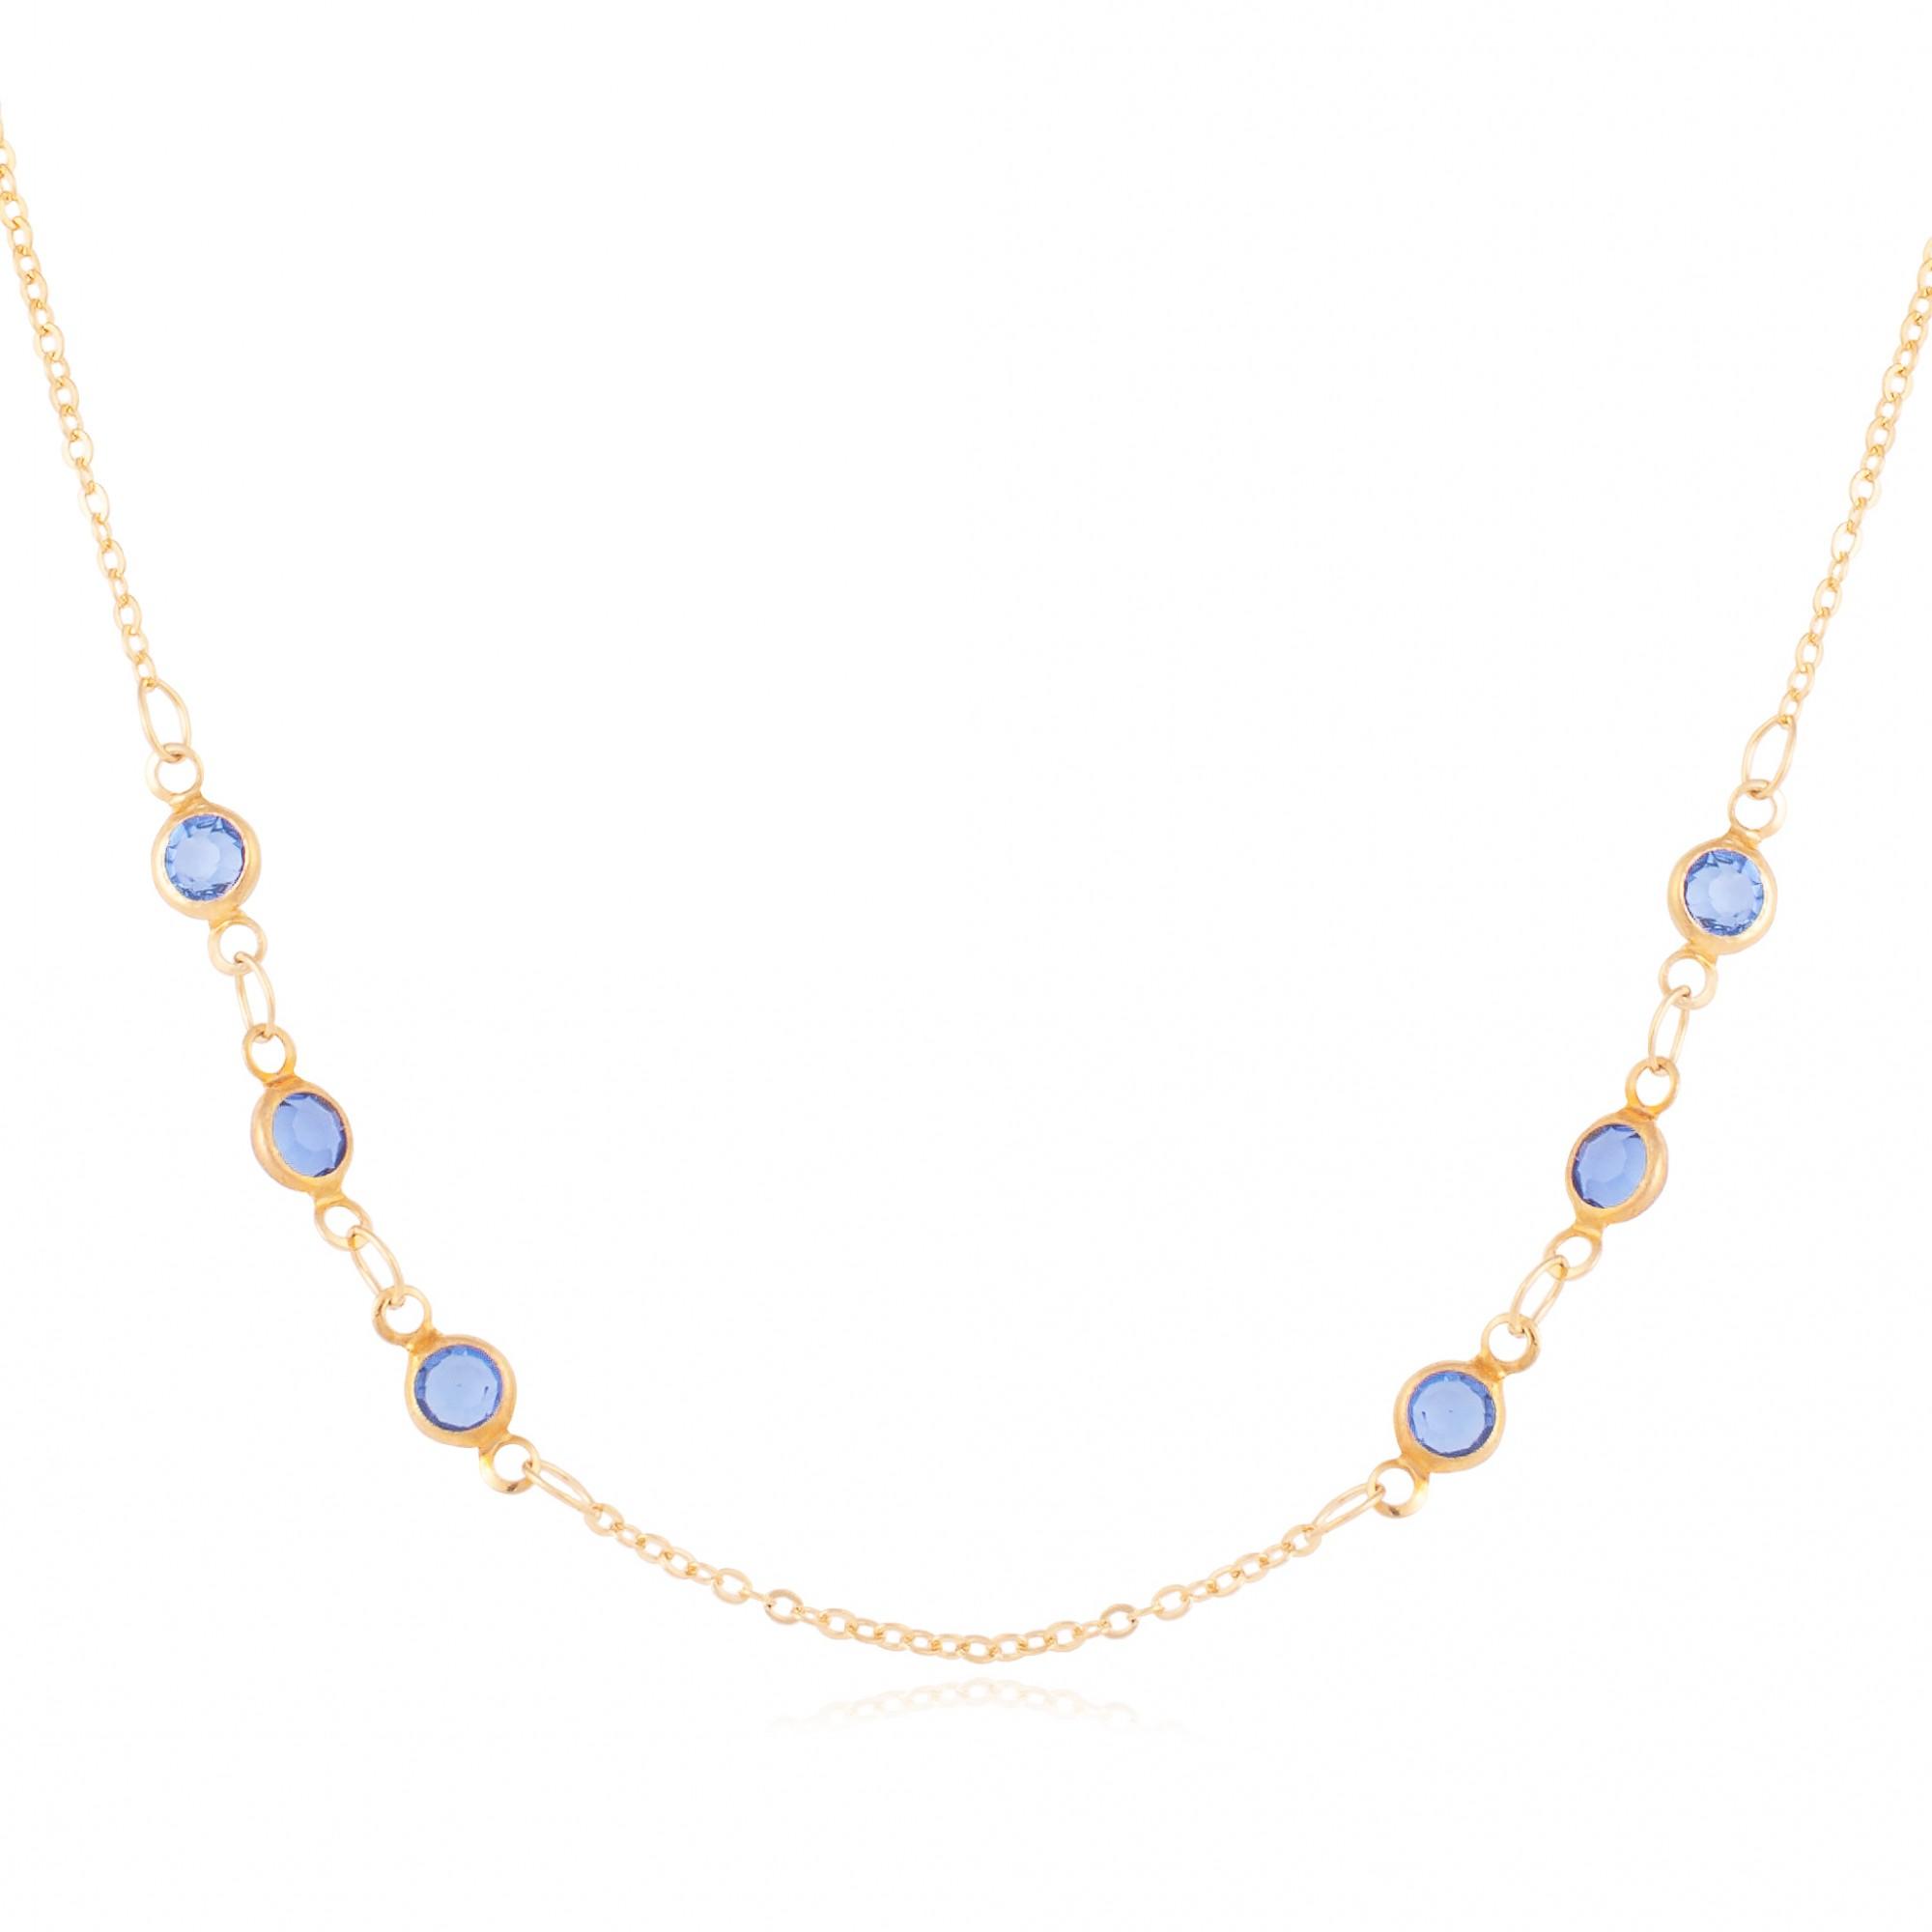 Colar trio de cristais azul banhado a ouro 18k.  - romabrazil.com.br